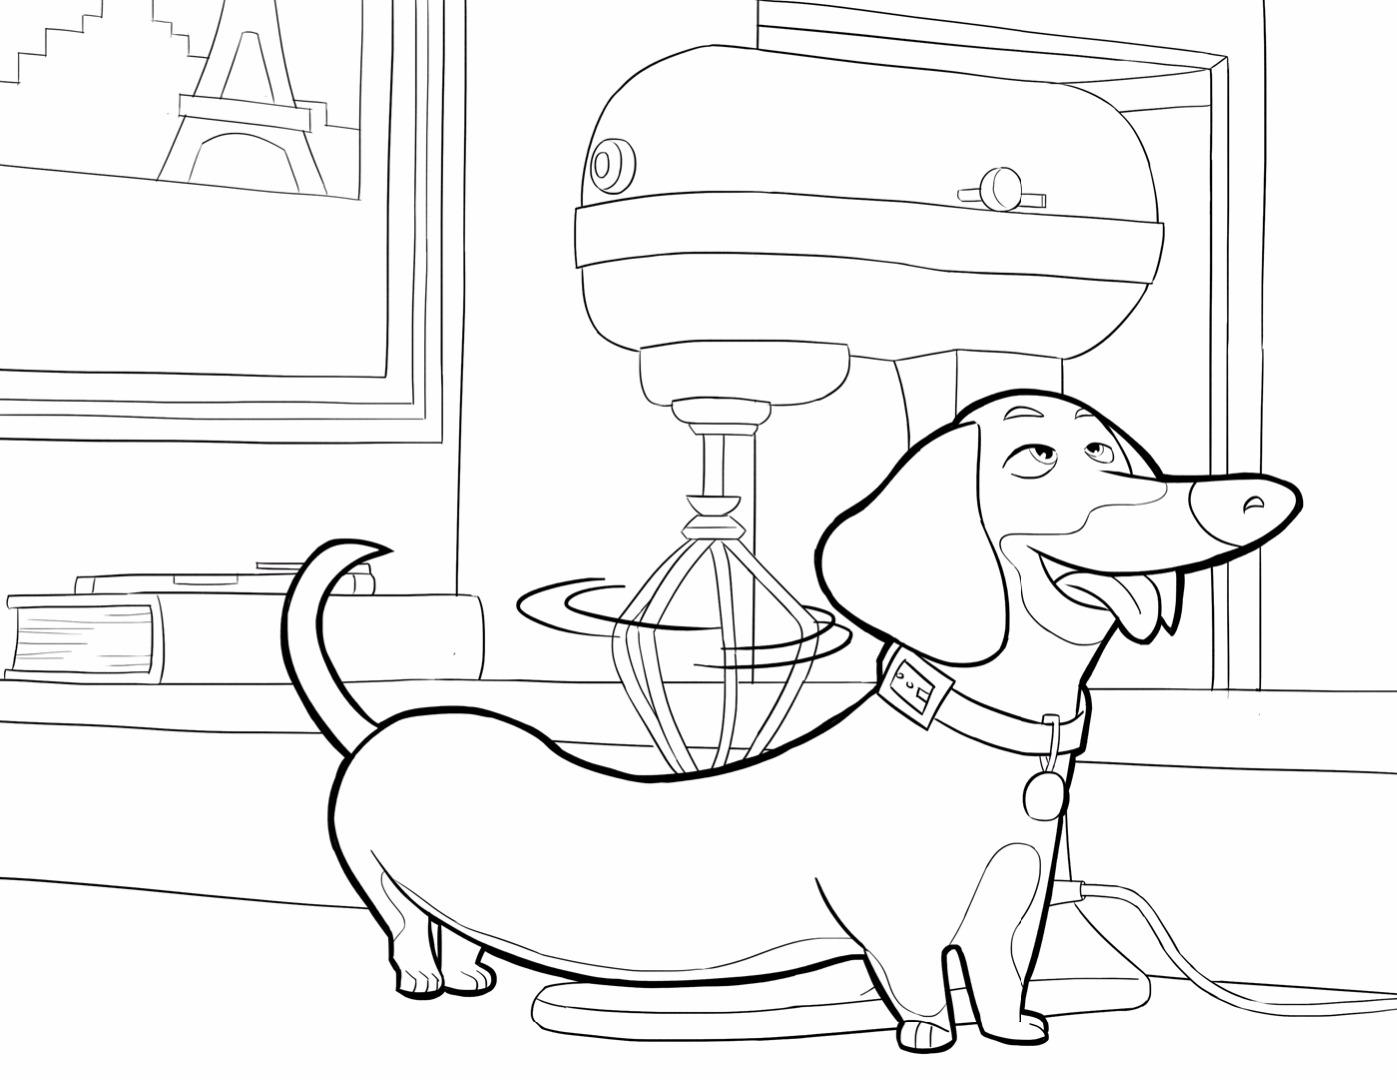 Домашняя жизнь домашних животных раскраски